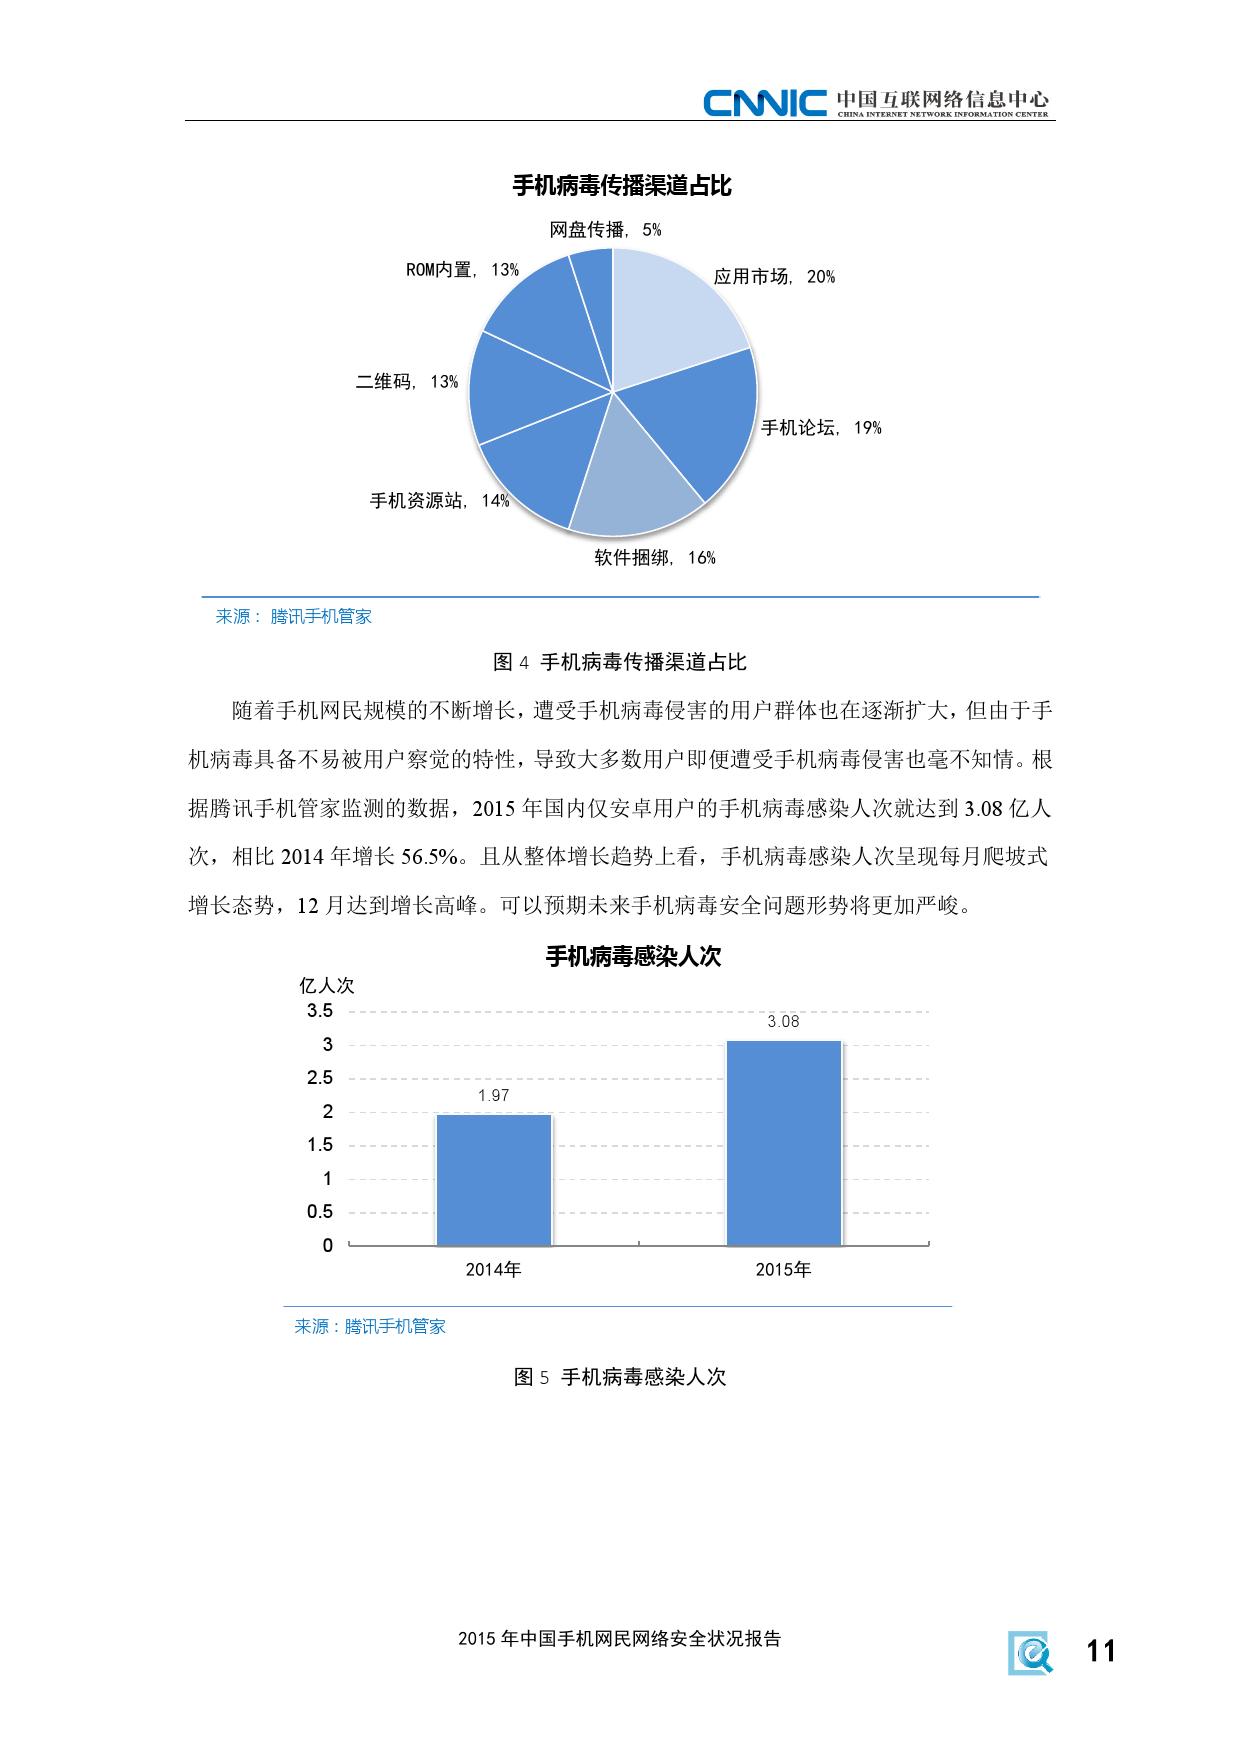 2015年中国手机网民网络安全状况报告_000017